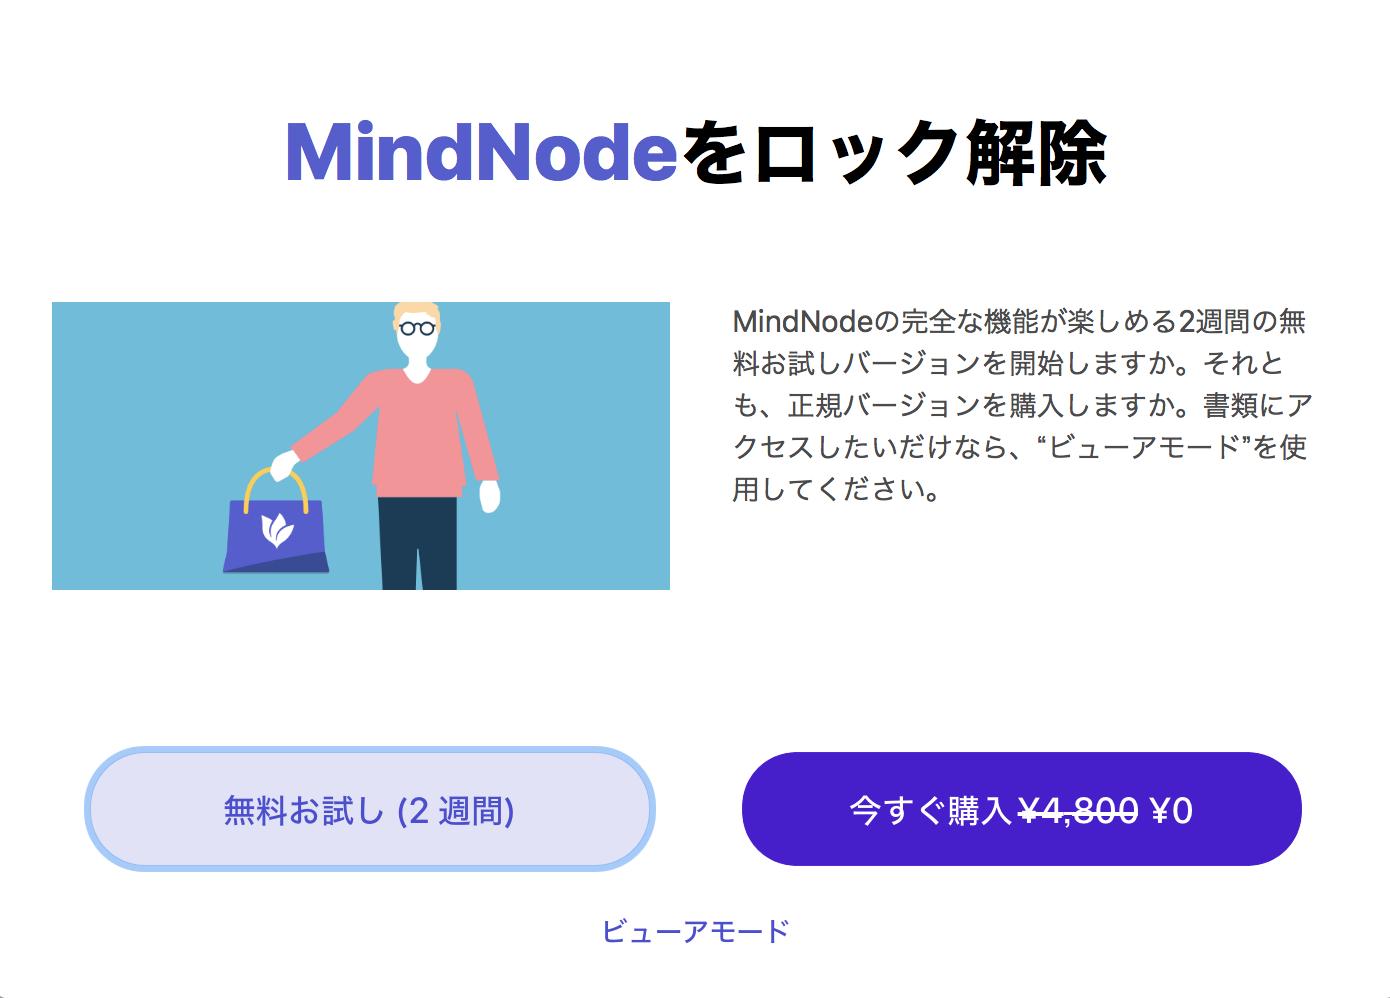 【マインドマップ】MindNode5への無料アップデート方法【マインドノード5】